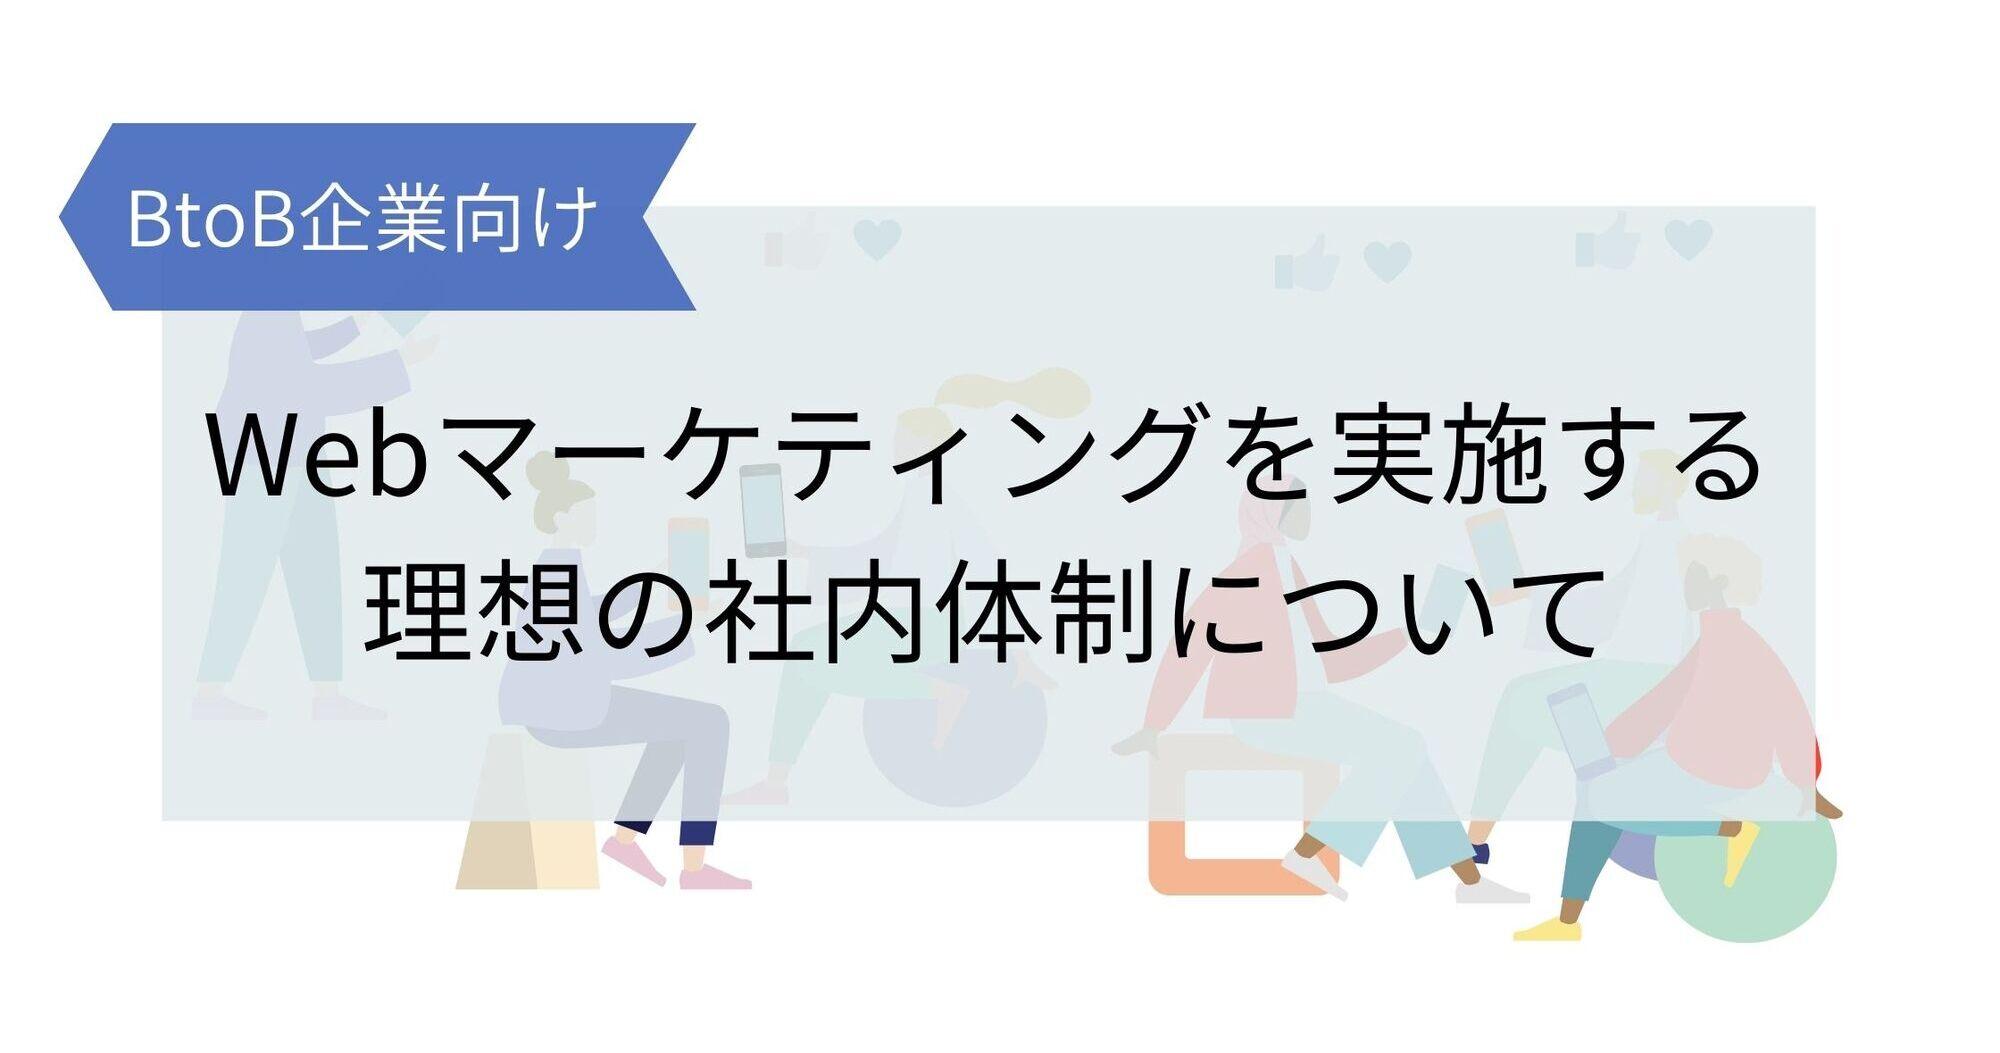 デジタルトランスフォーメーション(DX)の事例 ~日本と海外の事例をそれぞれまとめました!~